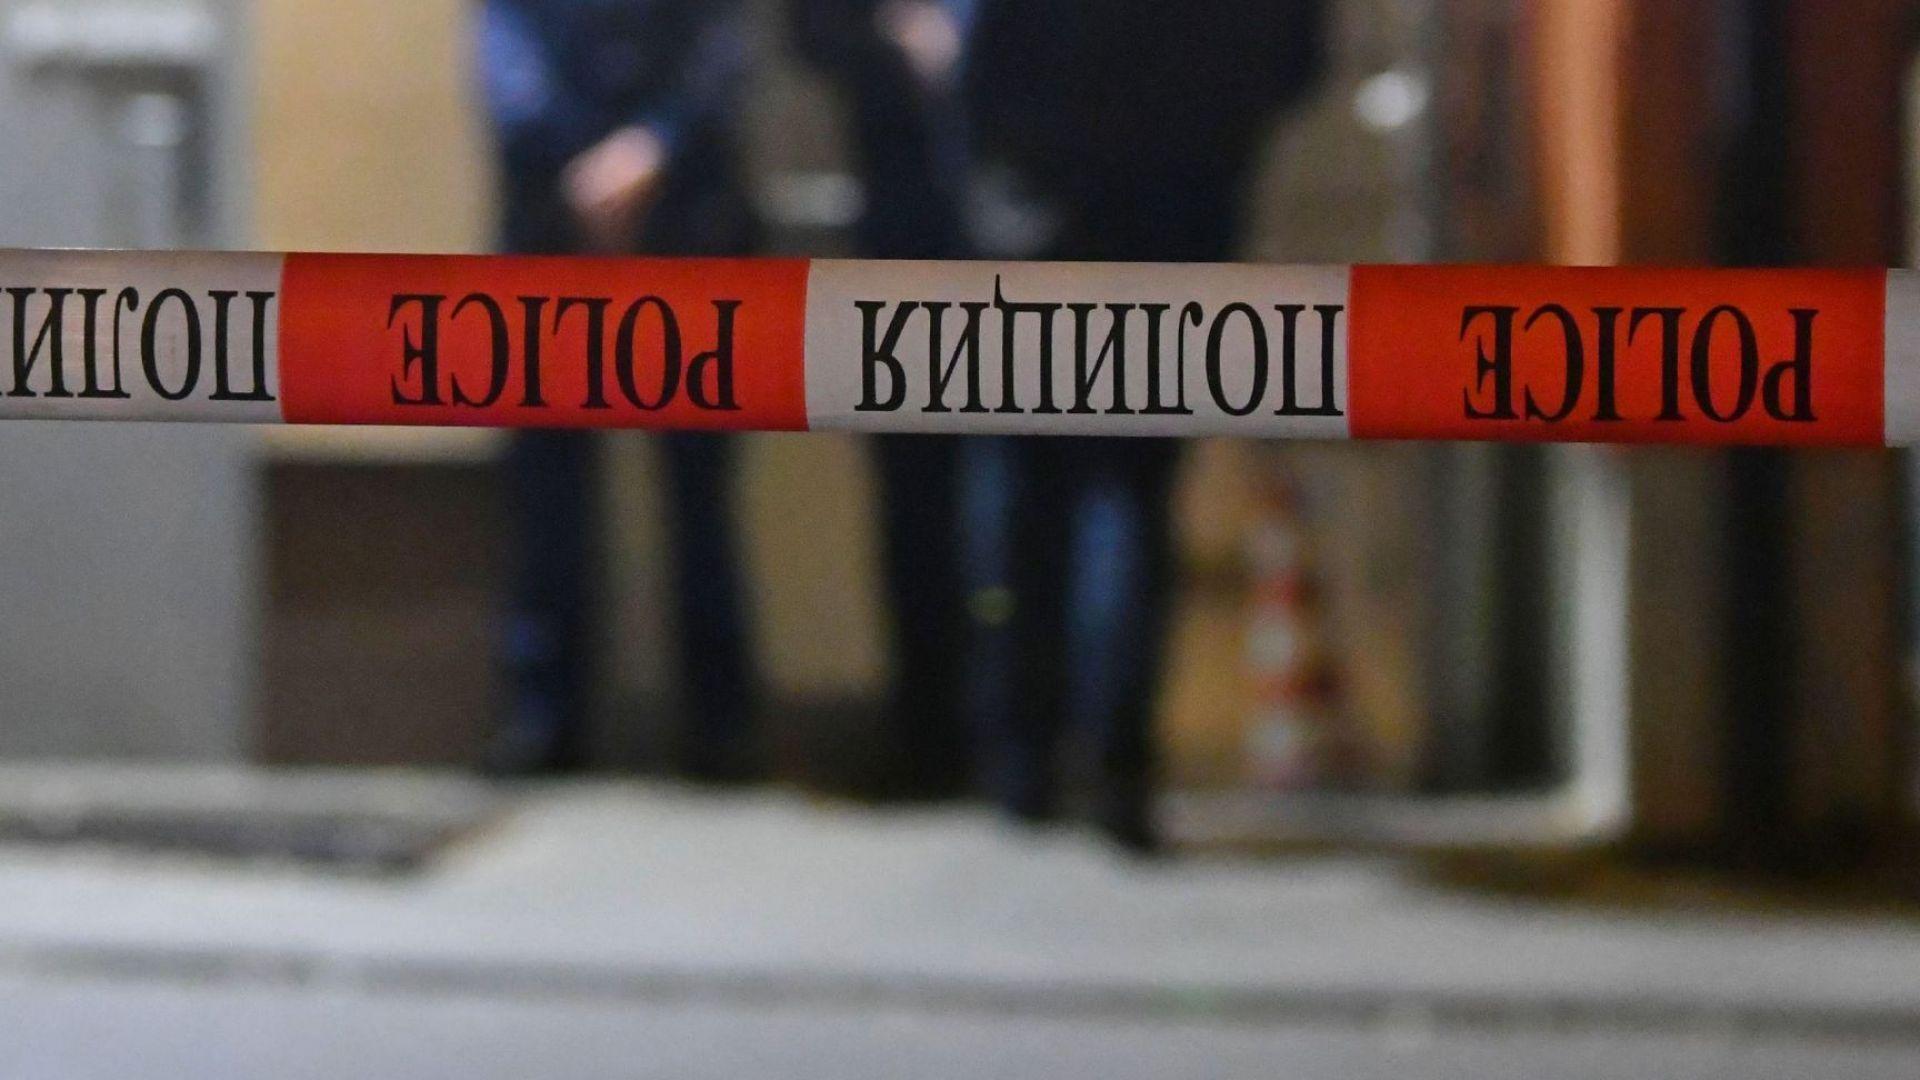 Застреляха 48-годишен мъж в София